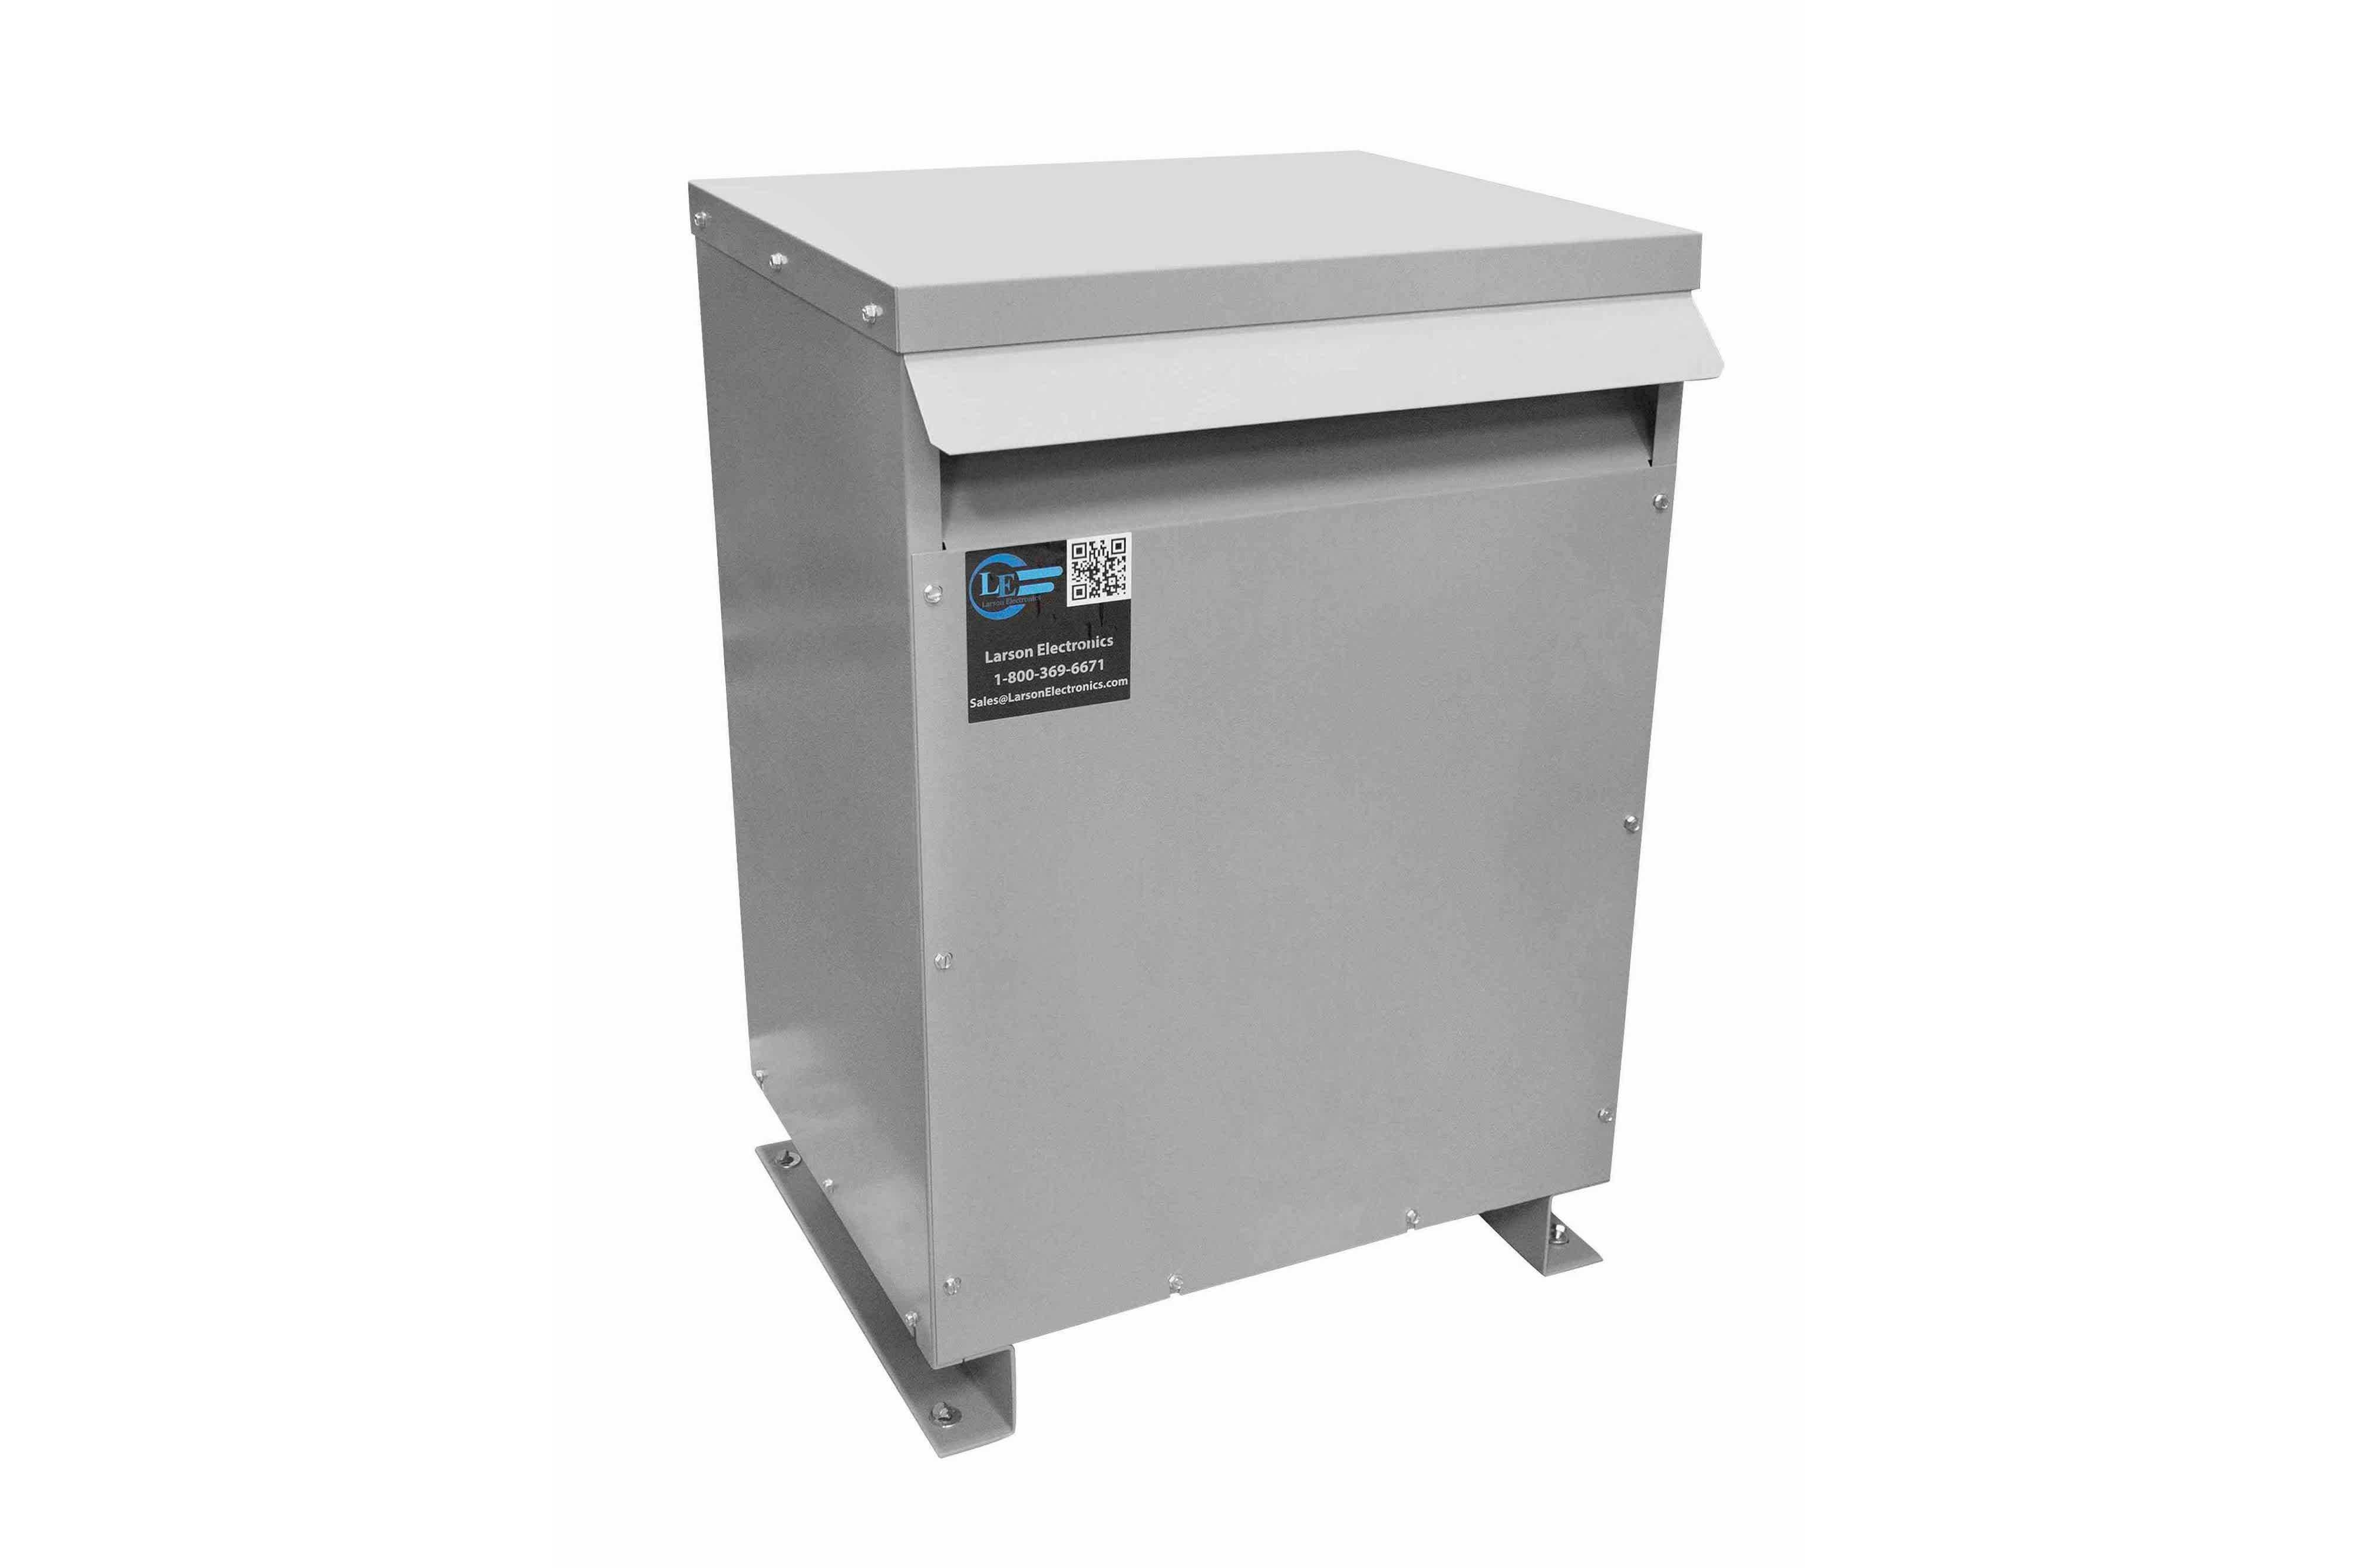 75 kVA 3PH Isolation Transformer, 208V Delta Primary, 240 Delta Secondary, N3R, Ventilated, 60 Hz